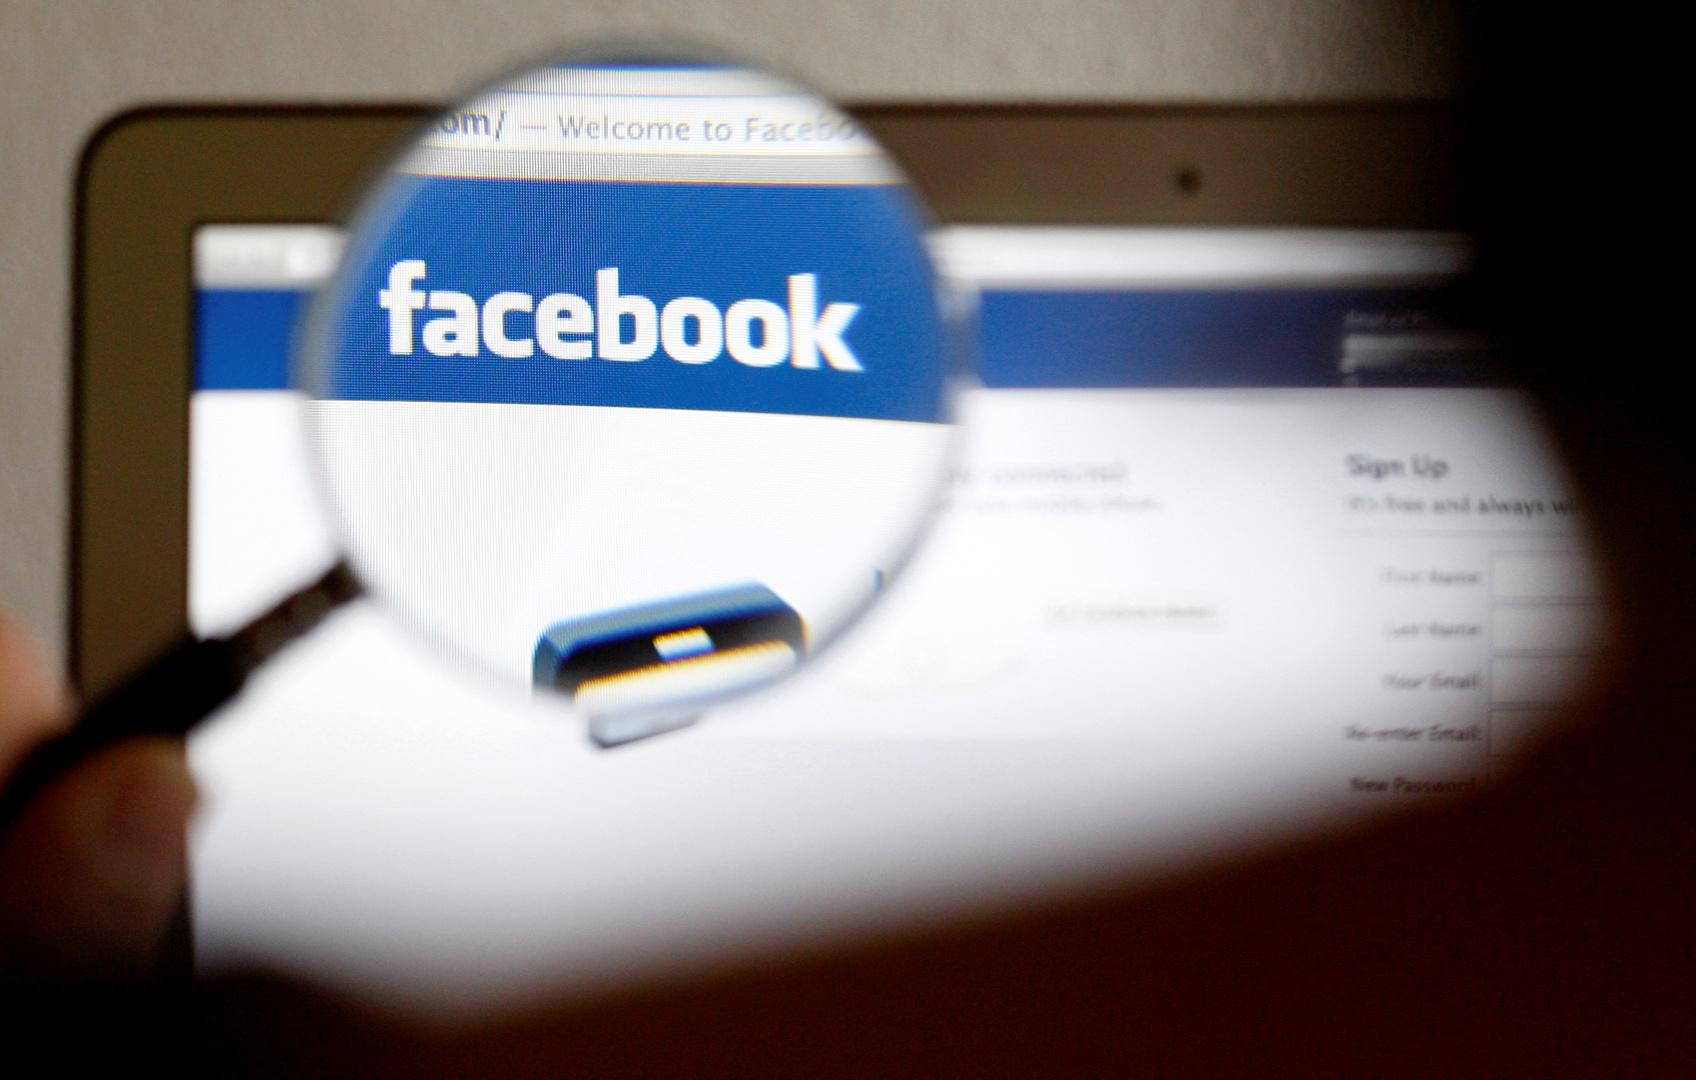 فيسبوك يعمل على حظر أي إنكار للهولوكوست